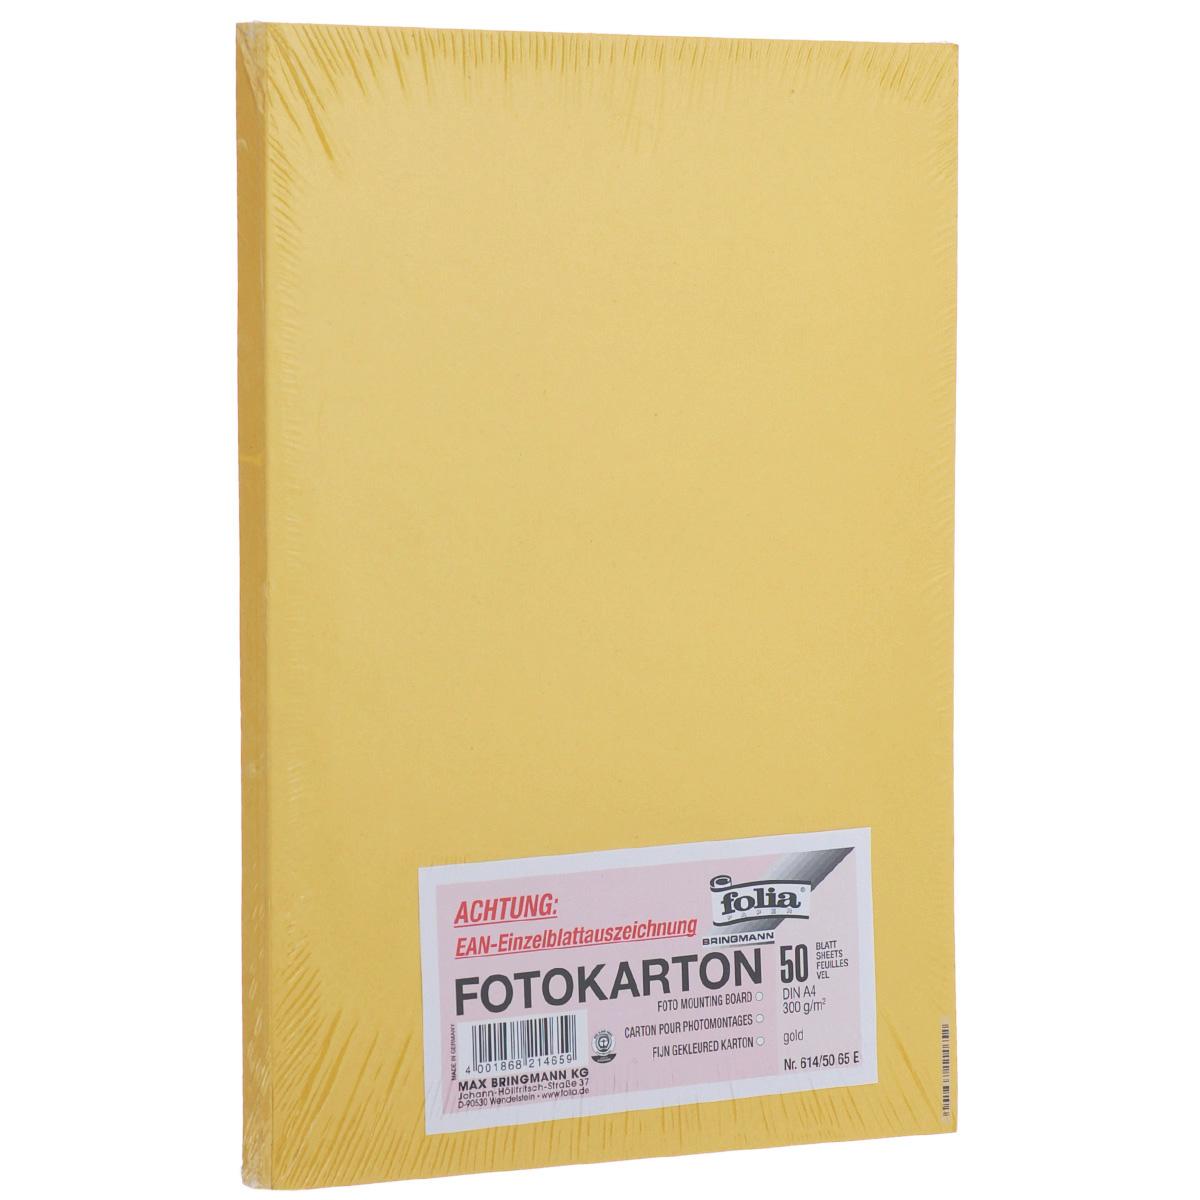 Фотокартон Folia, цвет: золото, 21 х 30 см, 50 листов. 7708058_65Е7708058_65ЕФотокартон Folia - это цветной плотный картон. Используется для изготовления открыток, пригласительных, для скрапбукинга, для изготовления паспарту и других декоративных или дизайнерских работ.